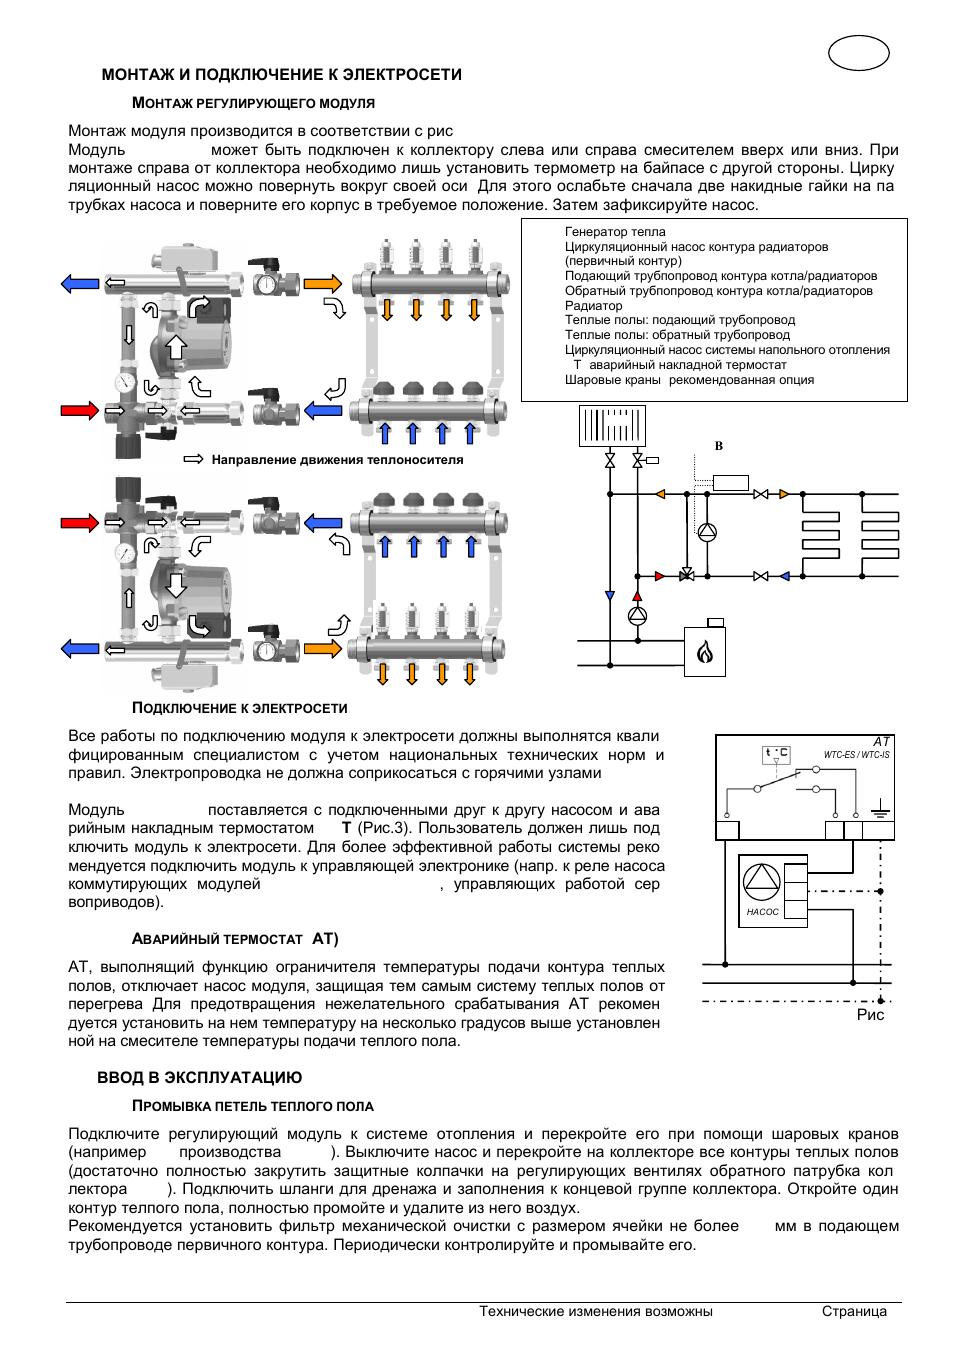 инструкции по монтажу тепловых сетей